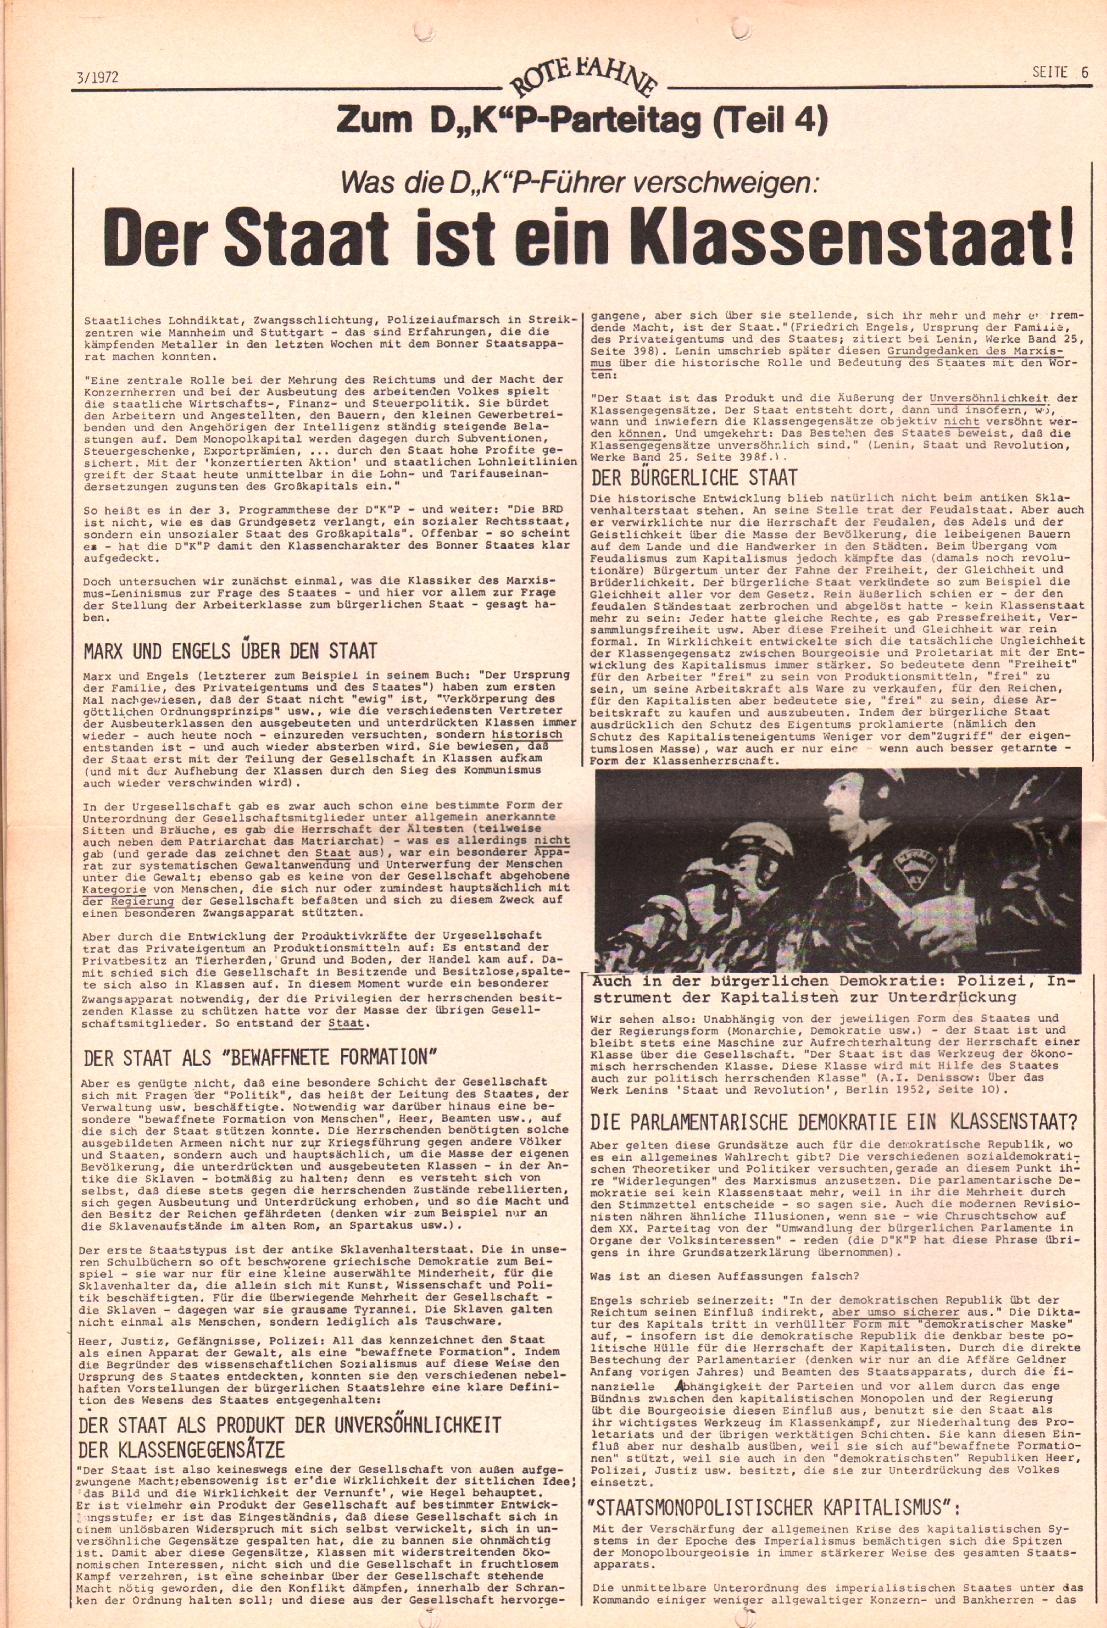 Rote Fahne, 3. Jg., 7.2.1972, Nr. 3, Seite 6